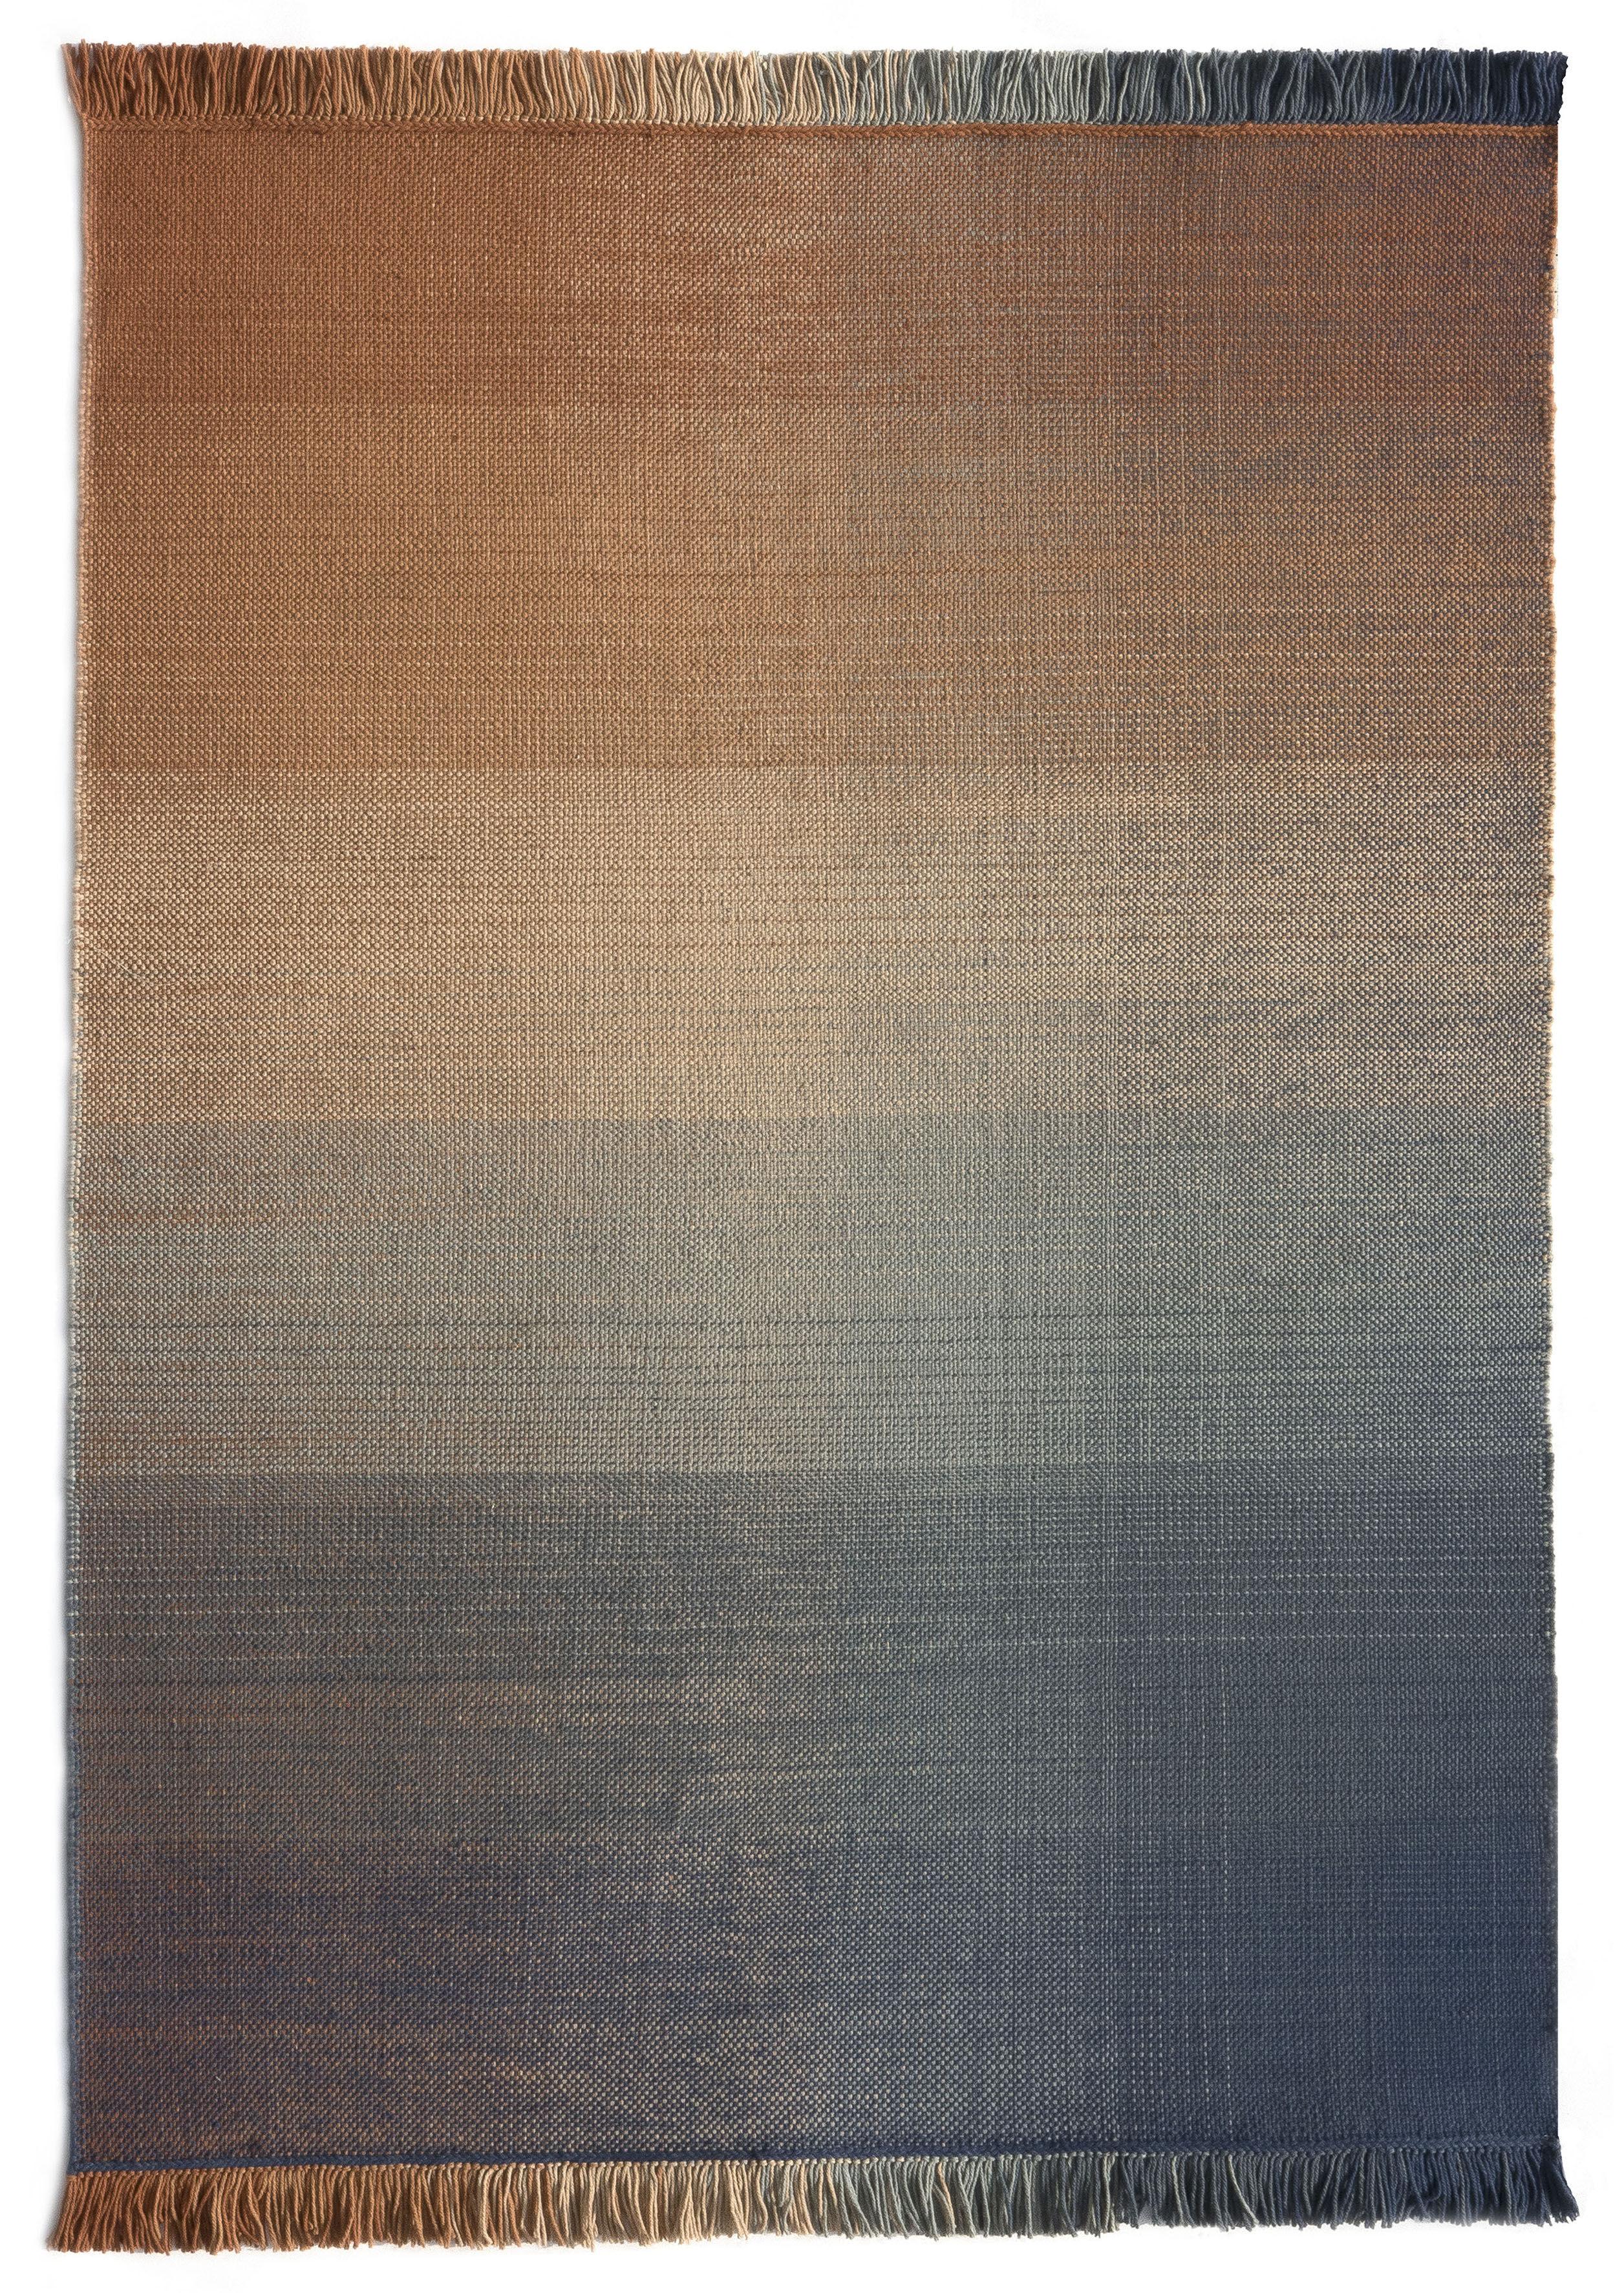 Dekoration - Teppiche - Shade palette 2 Außenteppich / 200 x 300 cm - Nanimarquina - Blau & Orange - Polyäthylen